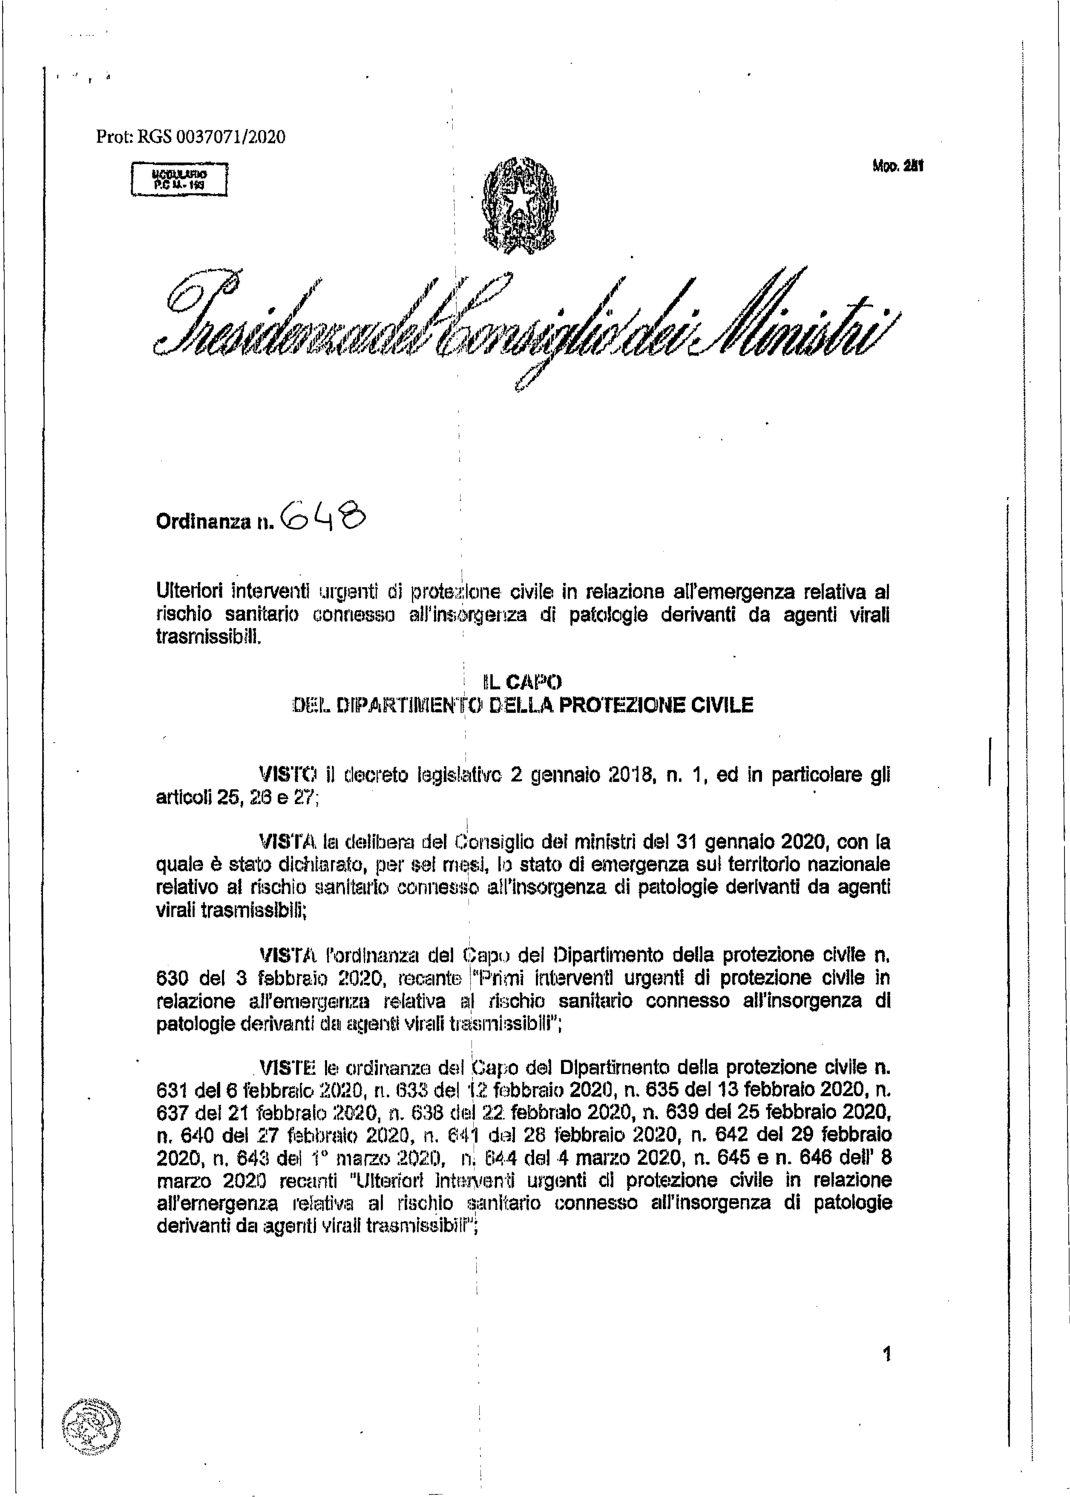 Ordinanza della Protezione Civile – 9 marzo 2020